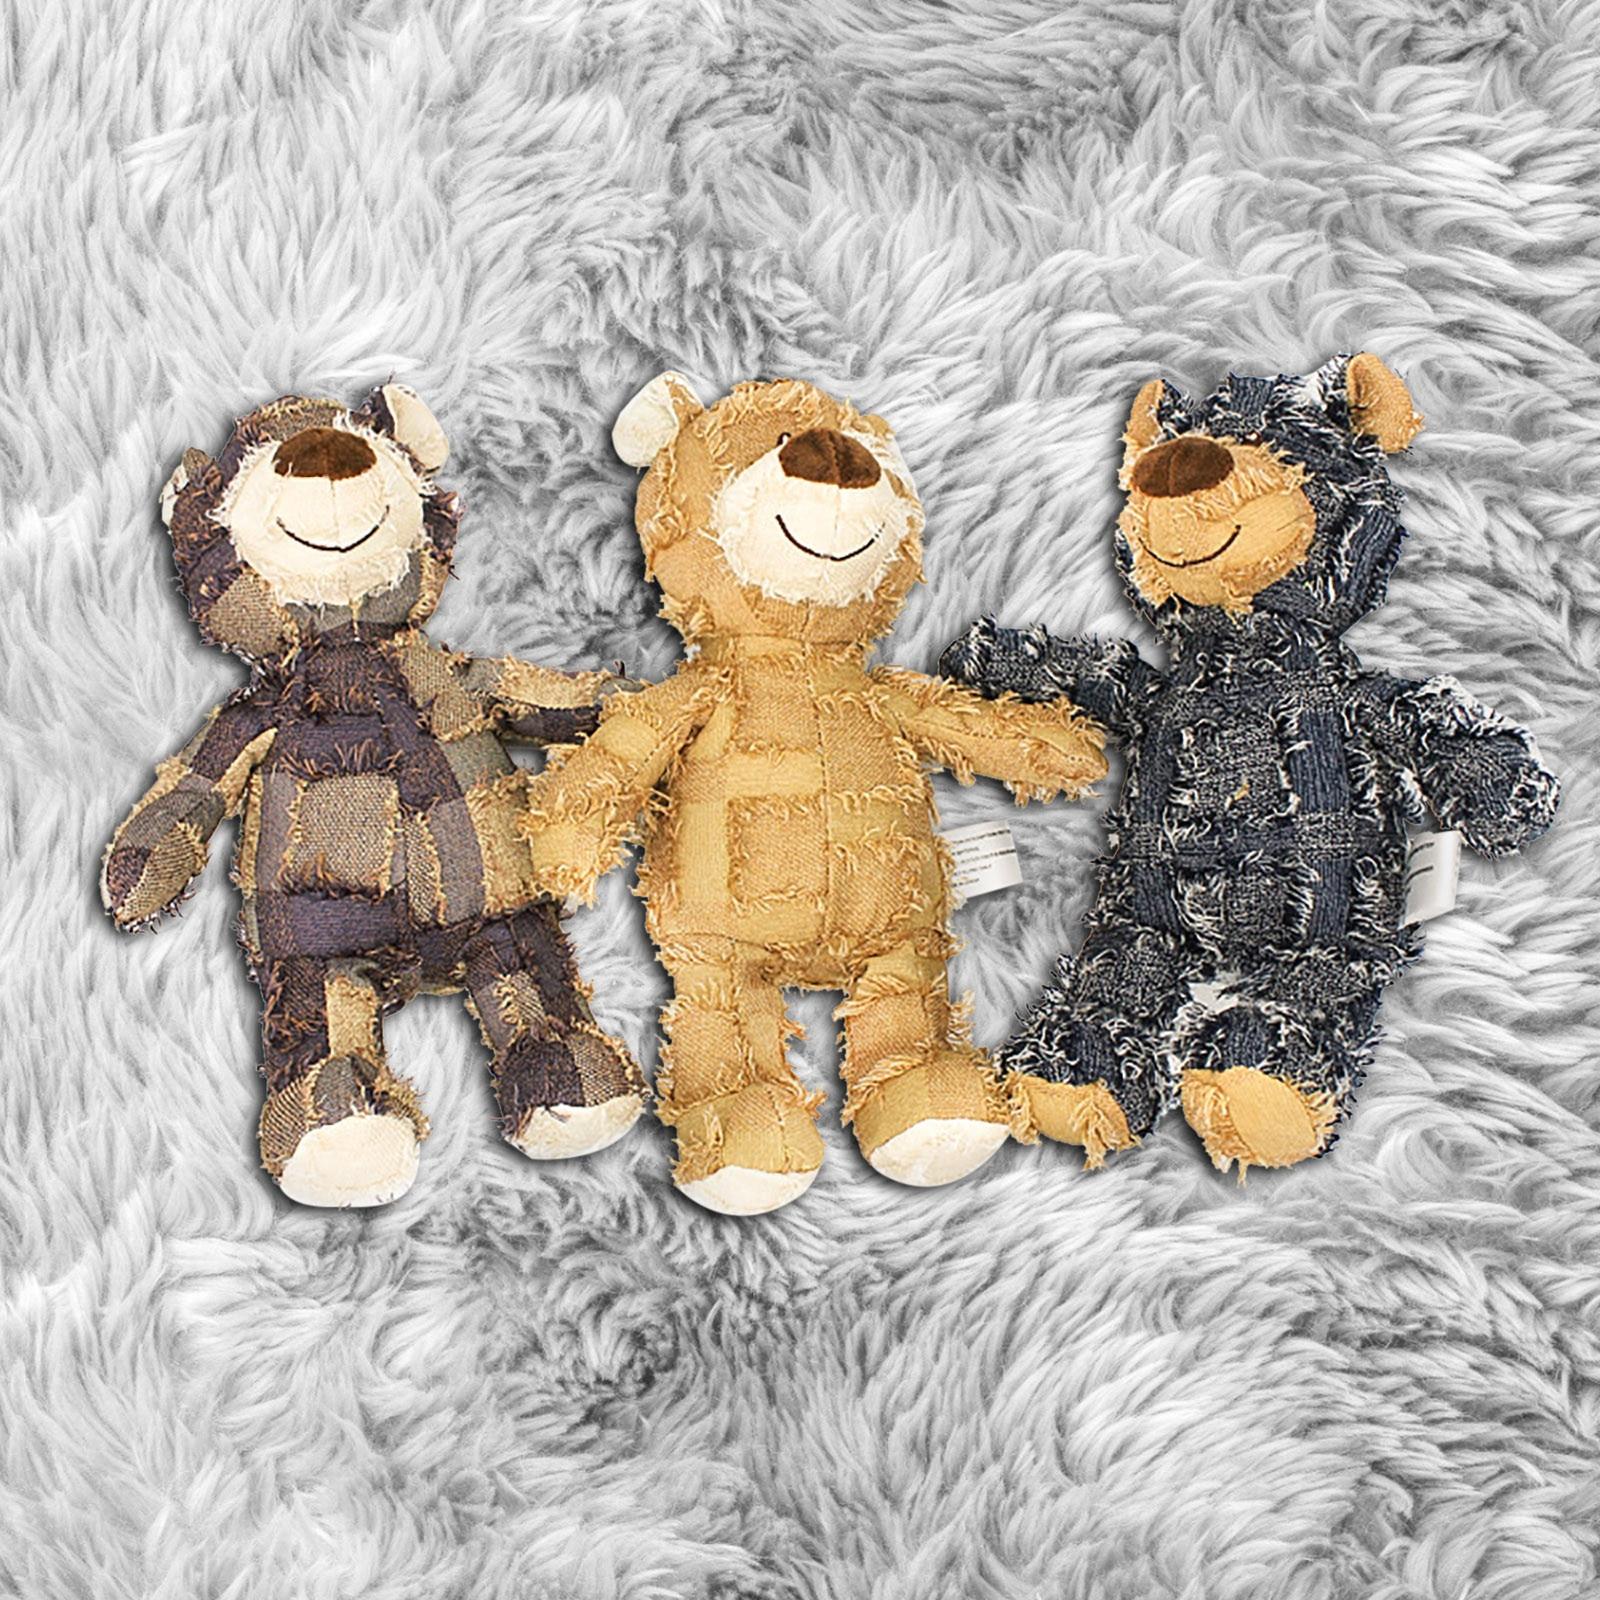 Euramerican tarzı ses olacak benzersiz dilenci hayvan ayı üç renk isteğe bağlı çocuklar için noel doğum günü partisi peluş oyuncaklar